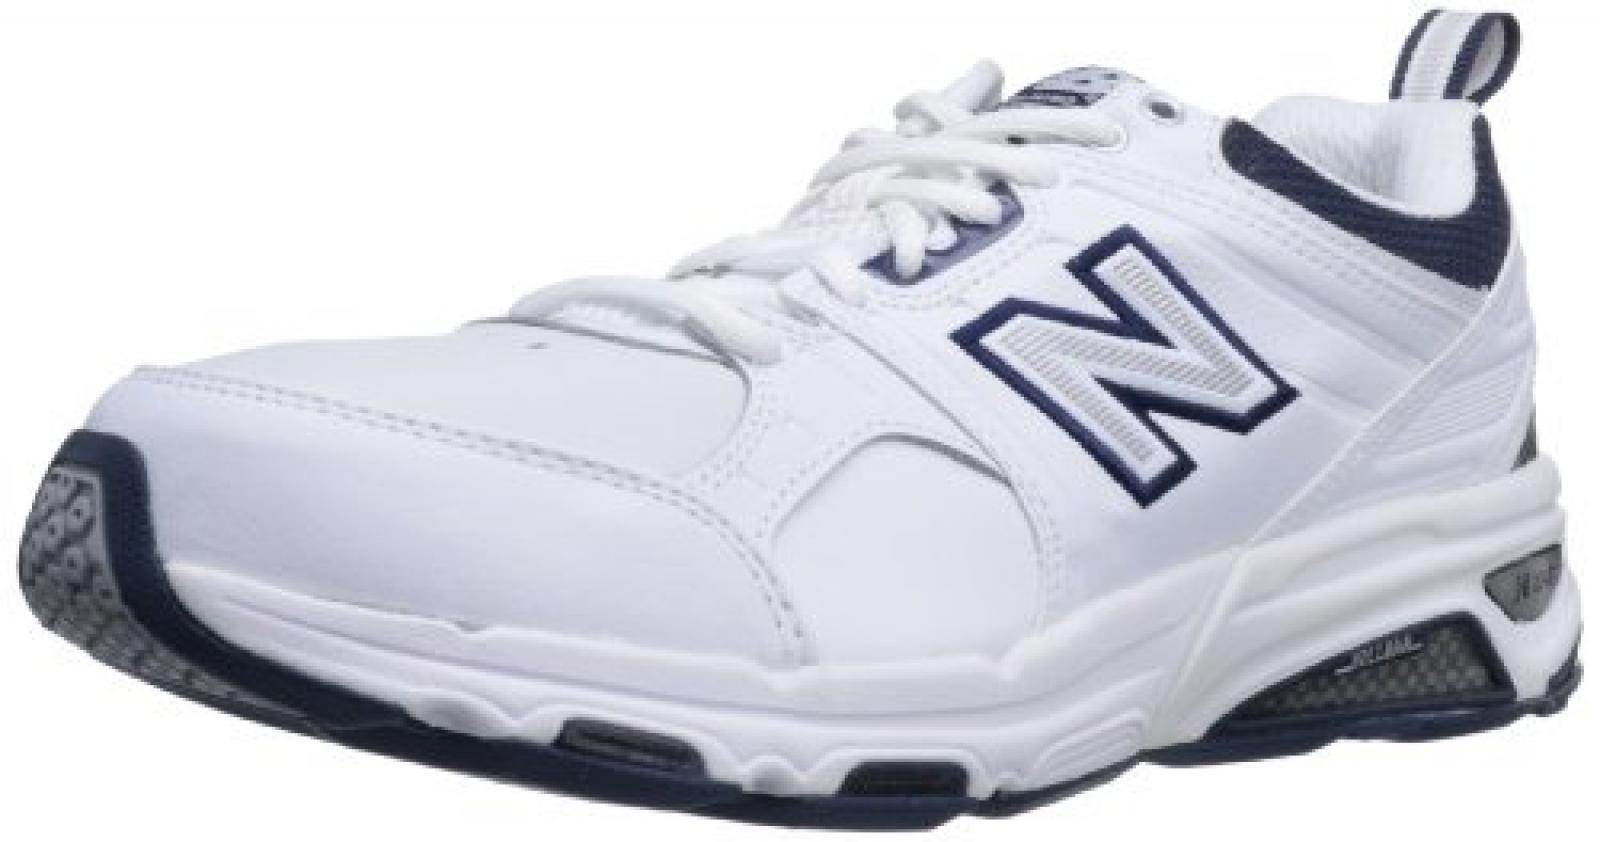 New Balance , Herren Laufschuhe, - White with Navy - Größe: 45